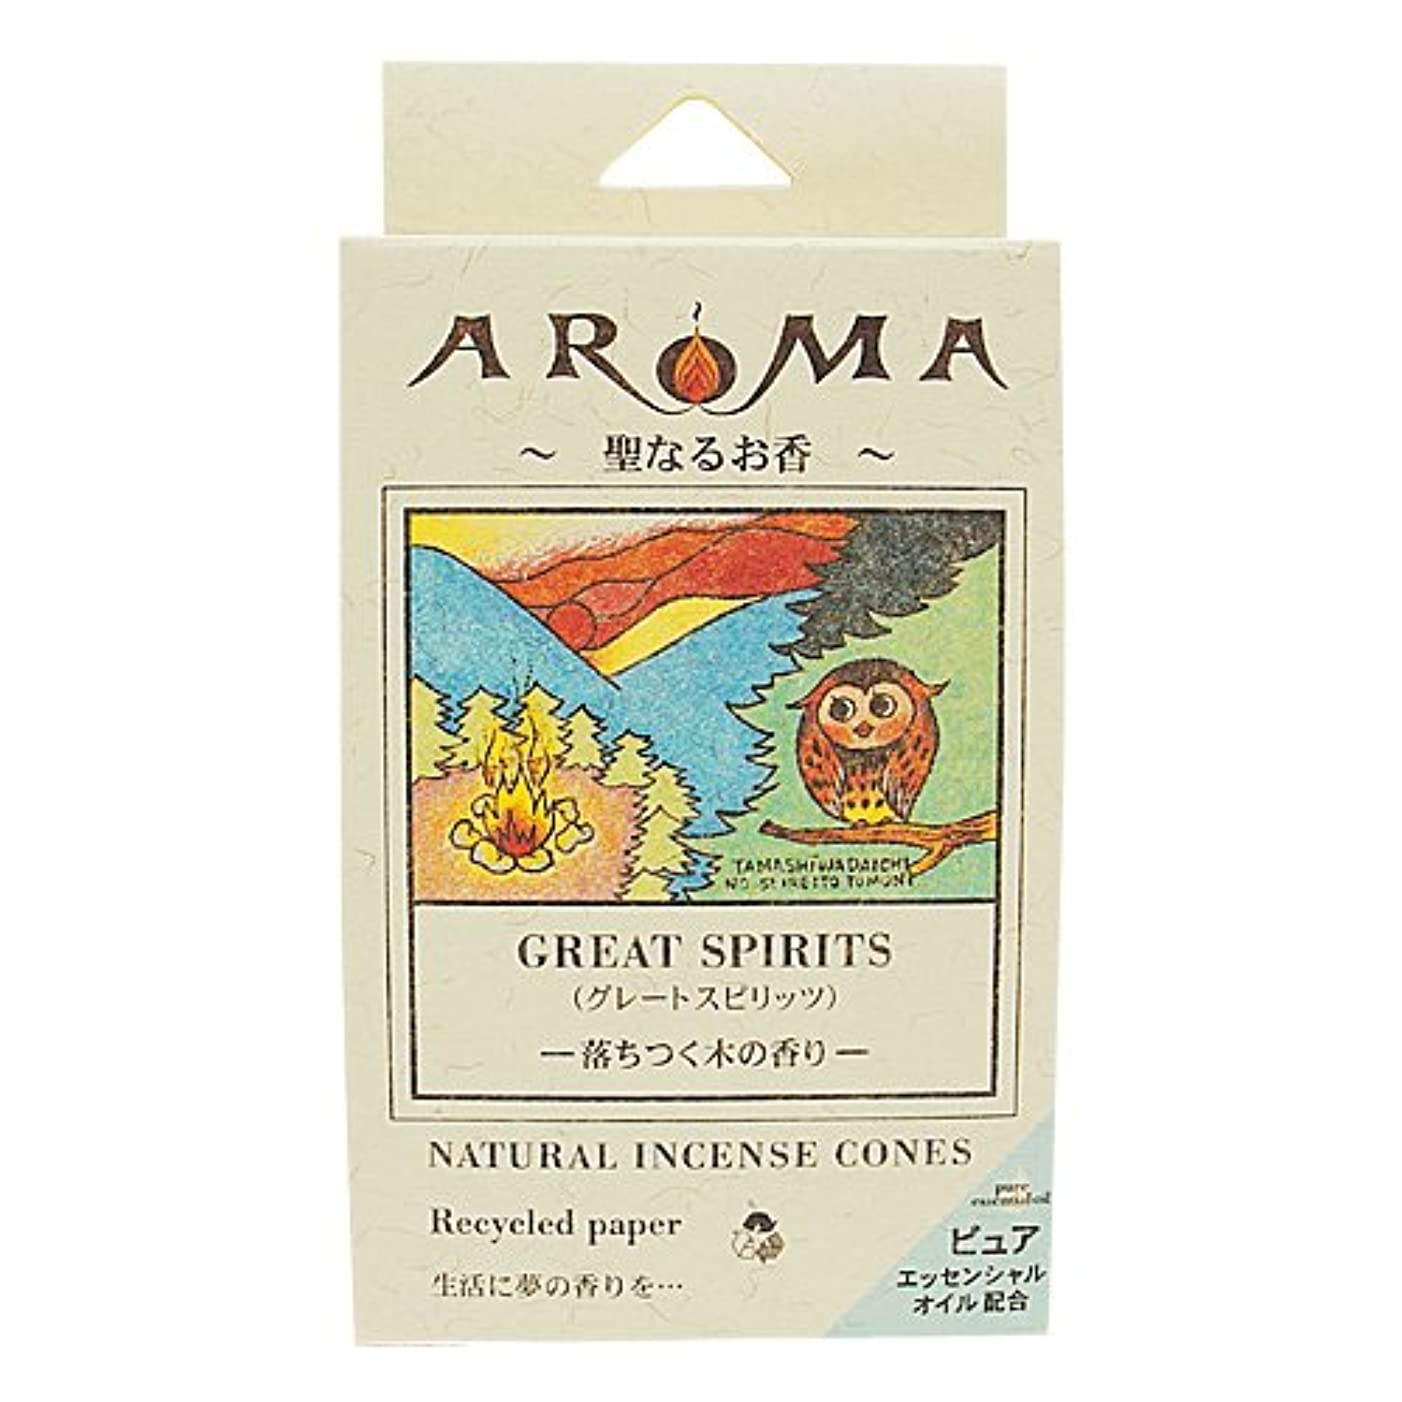 ビュッフェ衰える並外れたアロマ香 グレートスピリット 16粒(コーンタイプインセンス 1粒の燃焼時間約20分 落ち着く木の香り)